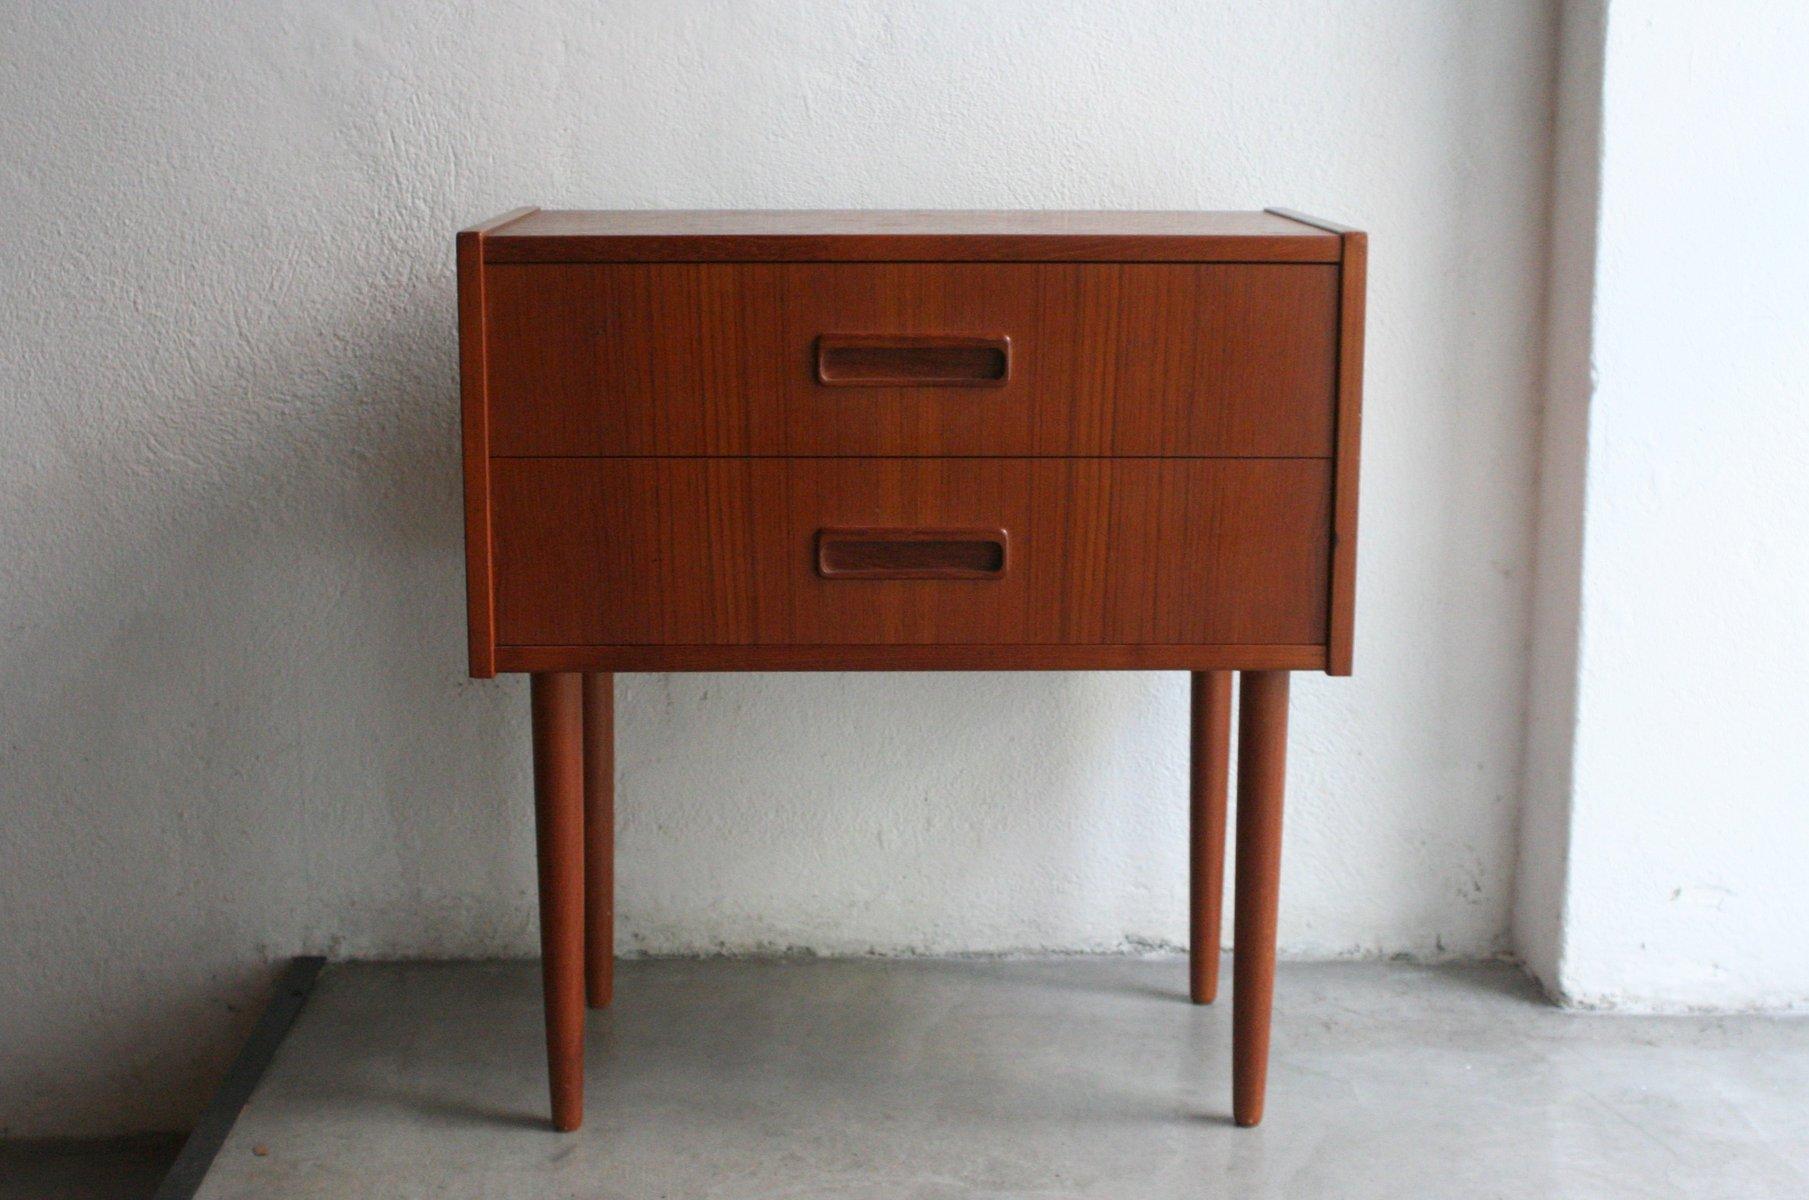 kleiner vintage teak nachttisch von knud erik bei pamono kaufen. Black Bedroom Furniture Sets. Home Design Ideas